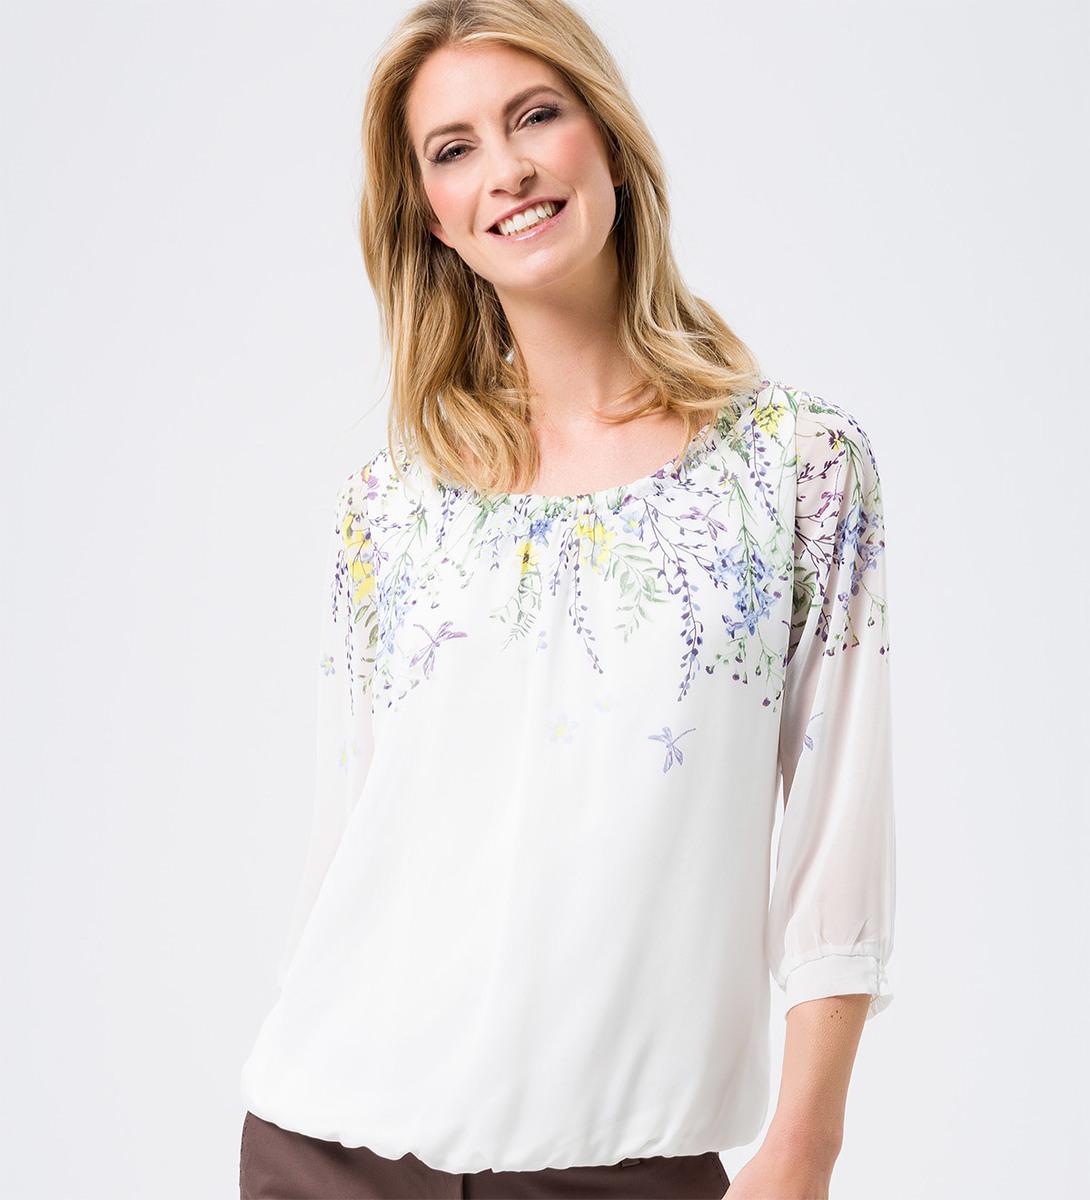 Bluse mit raffiniertem Ausschnitt in soft white